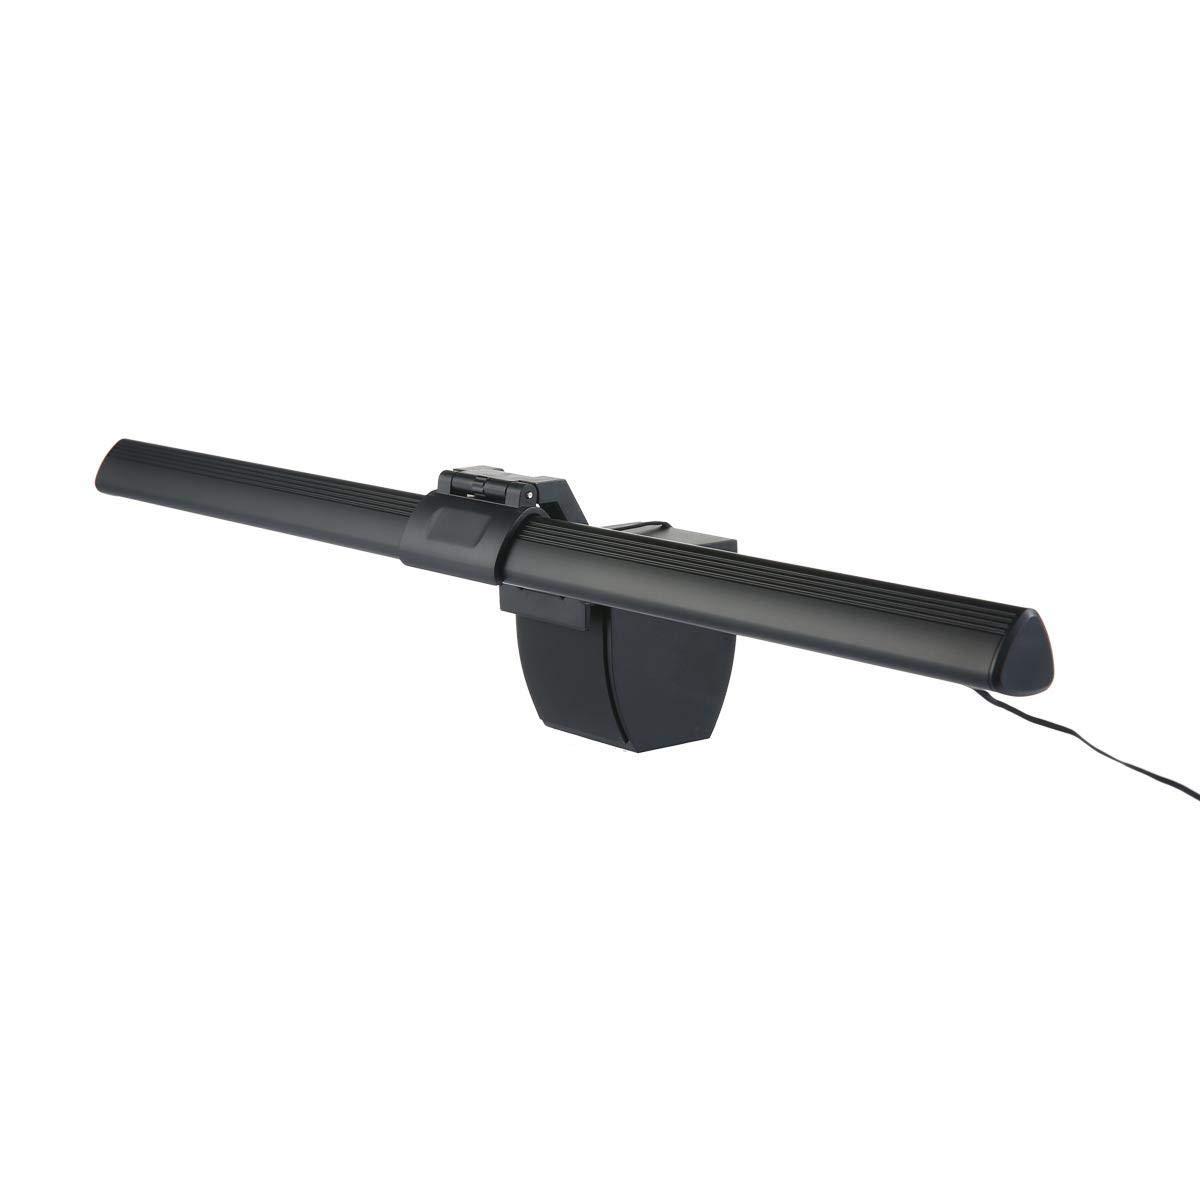 Hamkaw Computer-Bildschirm LED-Lampe Augenschutz Blendfreie USB-E-Leselampen Mit 3 Beleuchtungsmodi Und 9 Einstellbaren Helligkeitsstufen